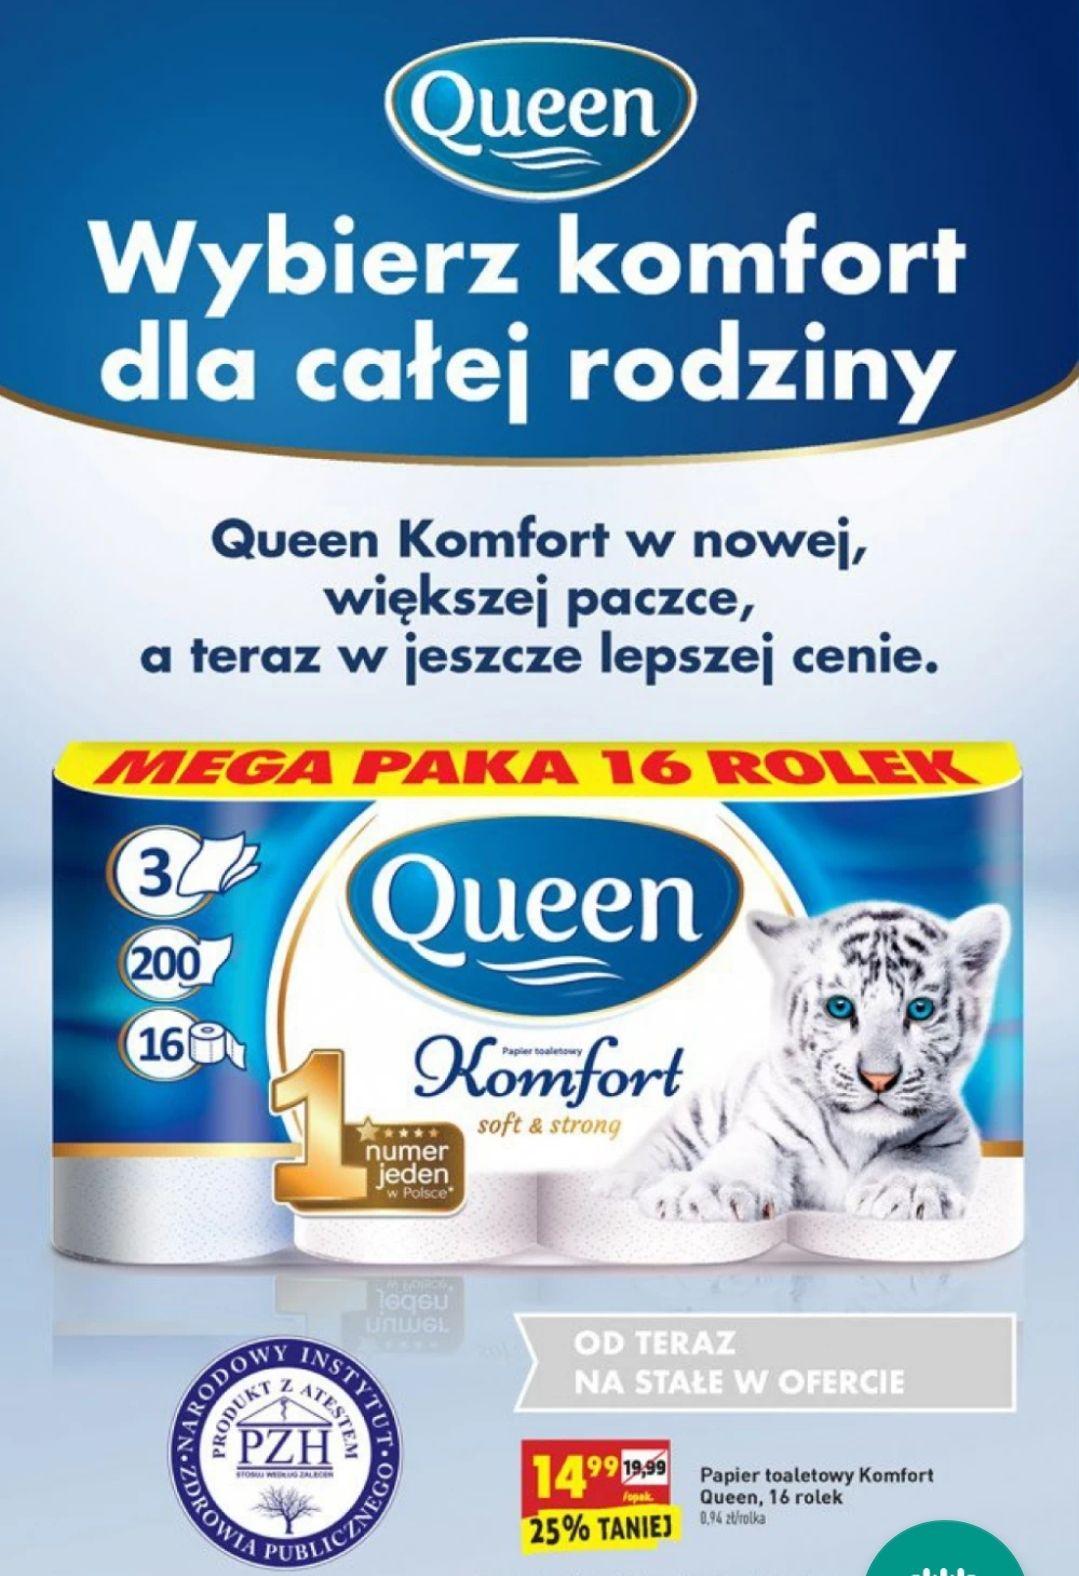 Papier Toaletowy Komfort Queen 16 rolek - Biedronka